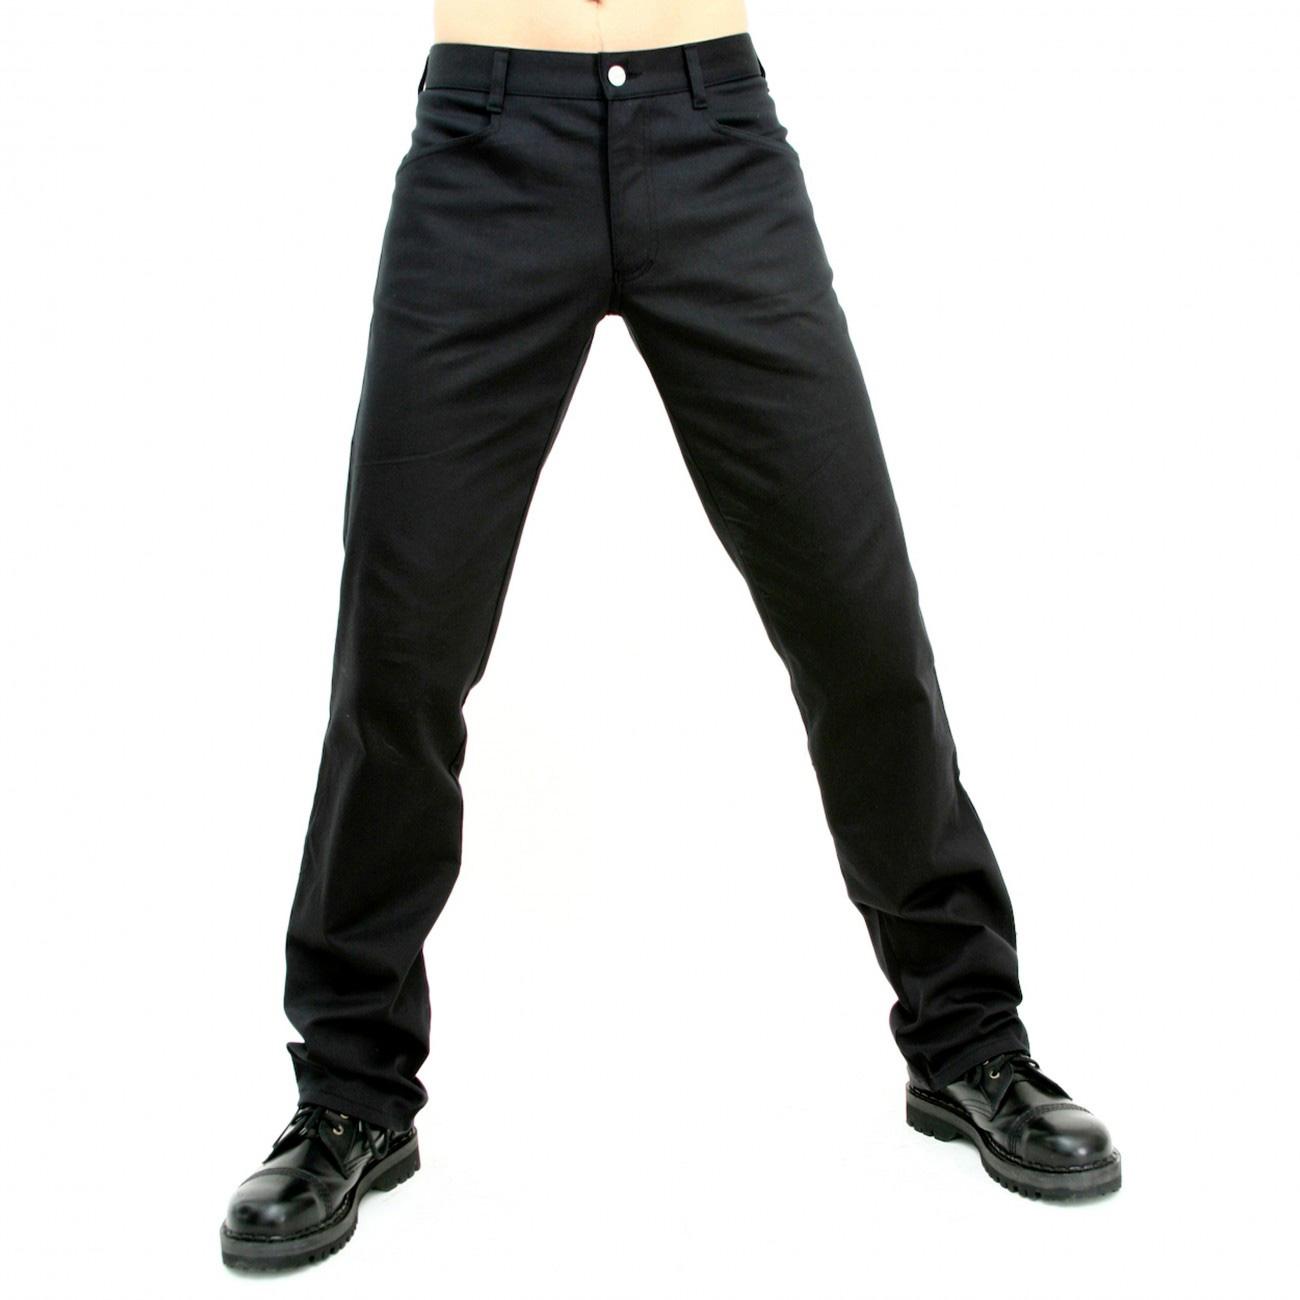 schwarze Jeans Hose